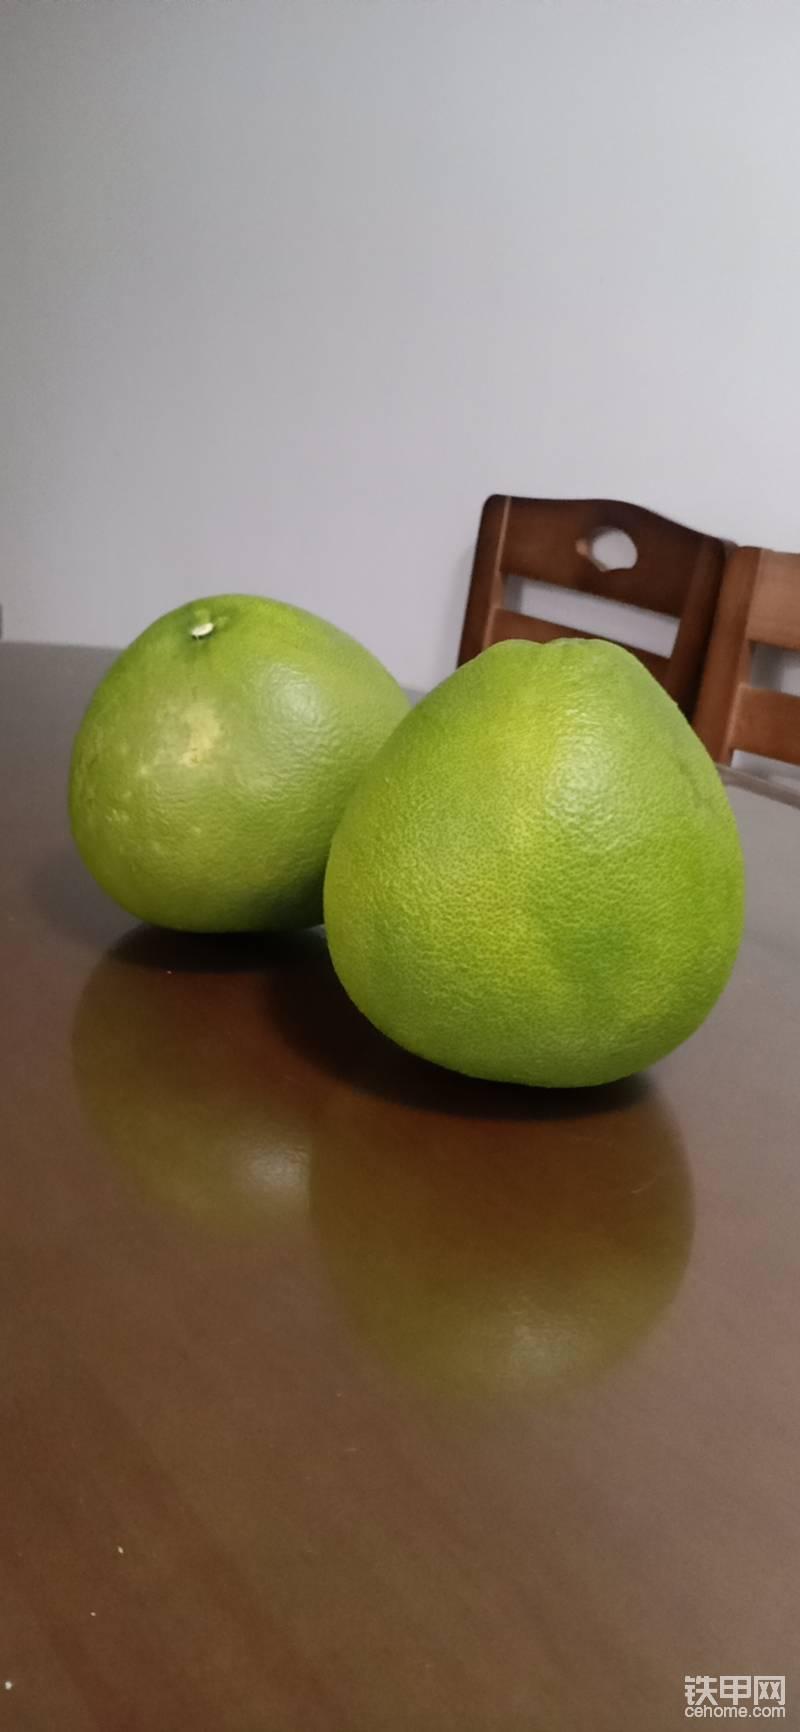 这是我们广丰的土特产——马加柚